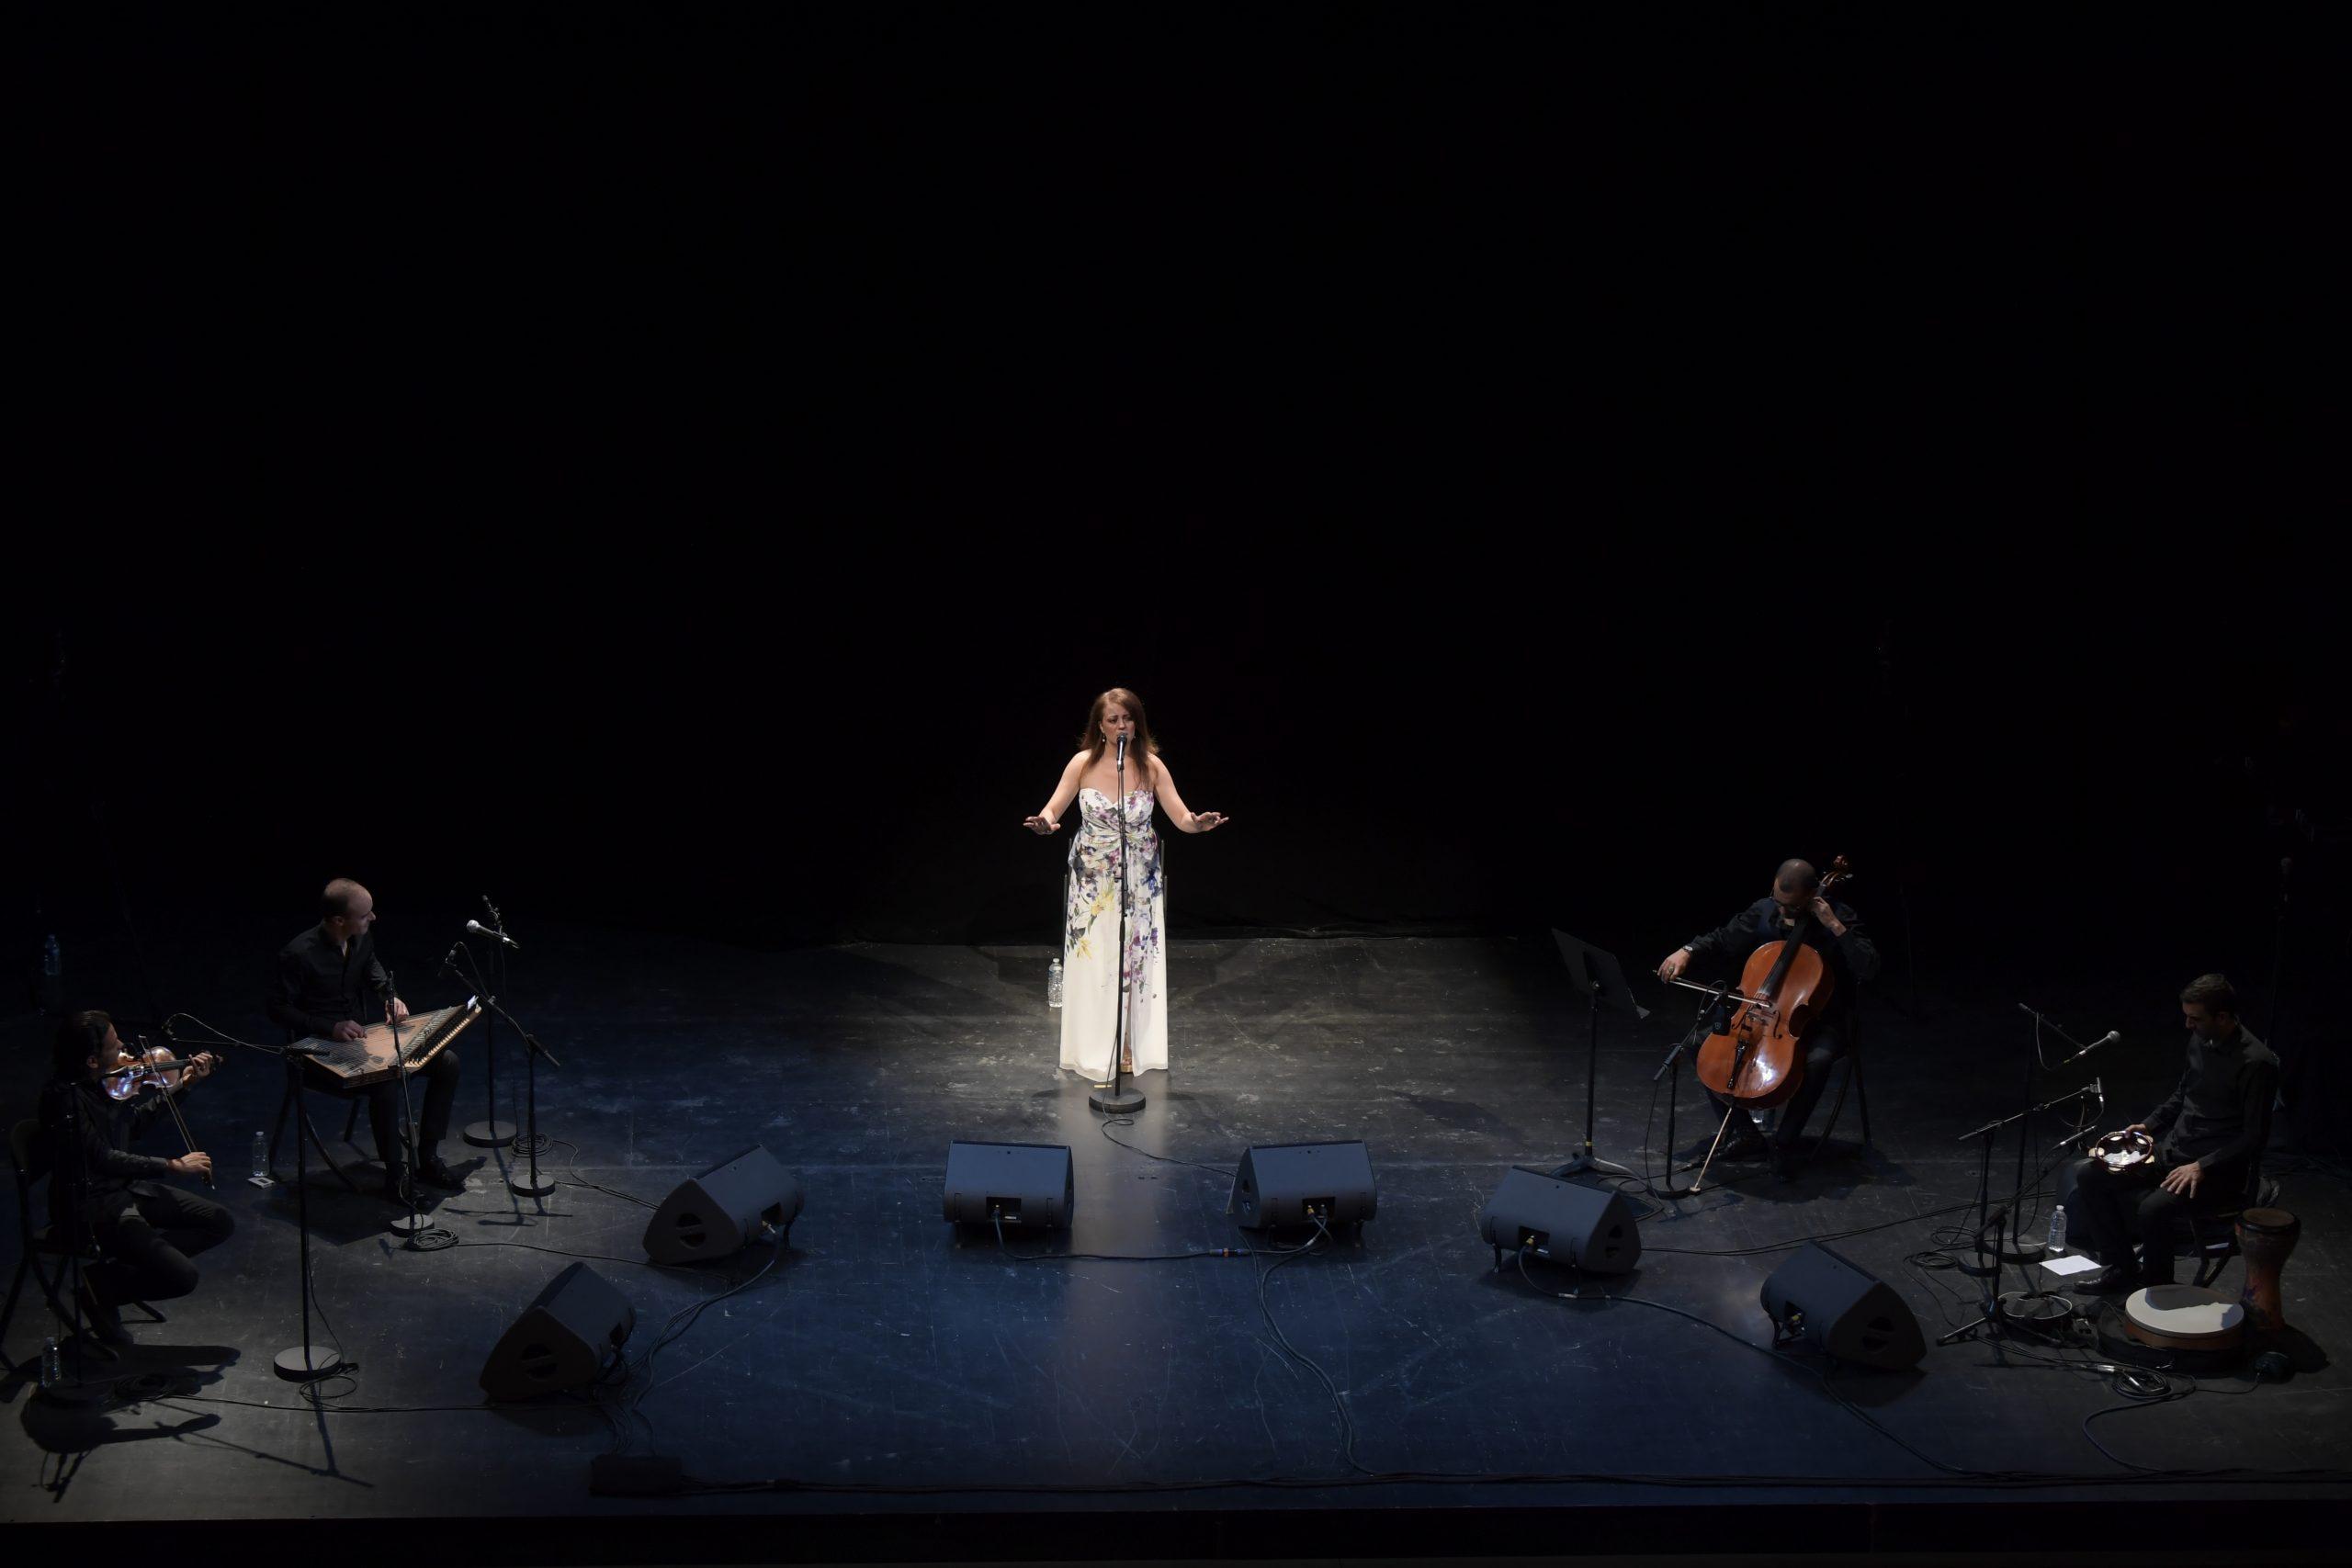 Arabesques est le plus important festival européen consacré aux arts du monde arabe (conte, cinéma, musique, calligraphie…).